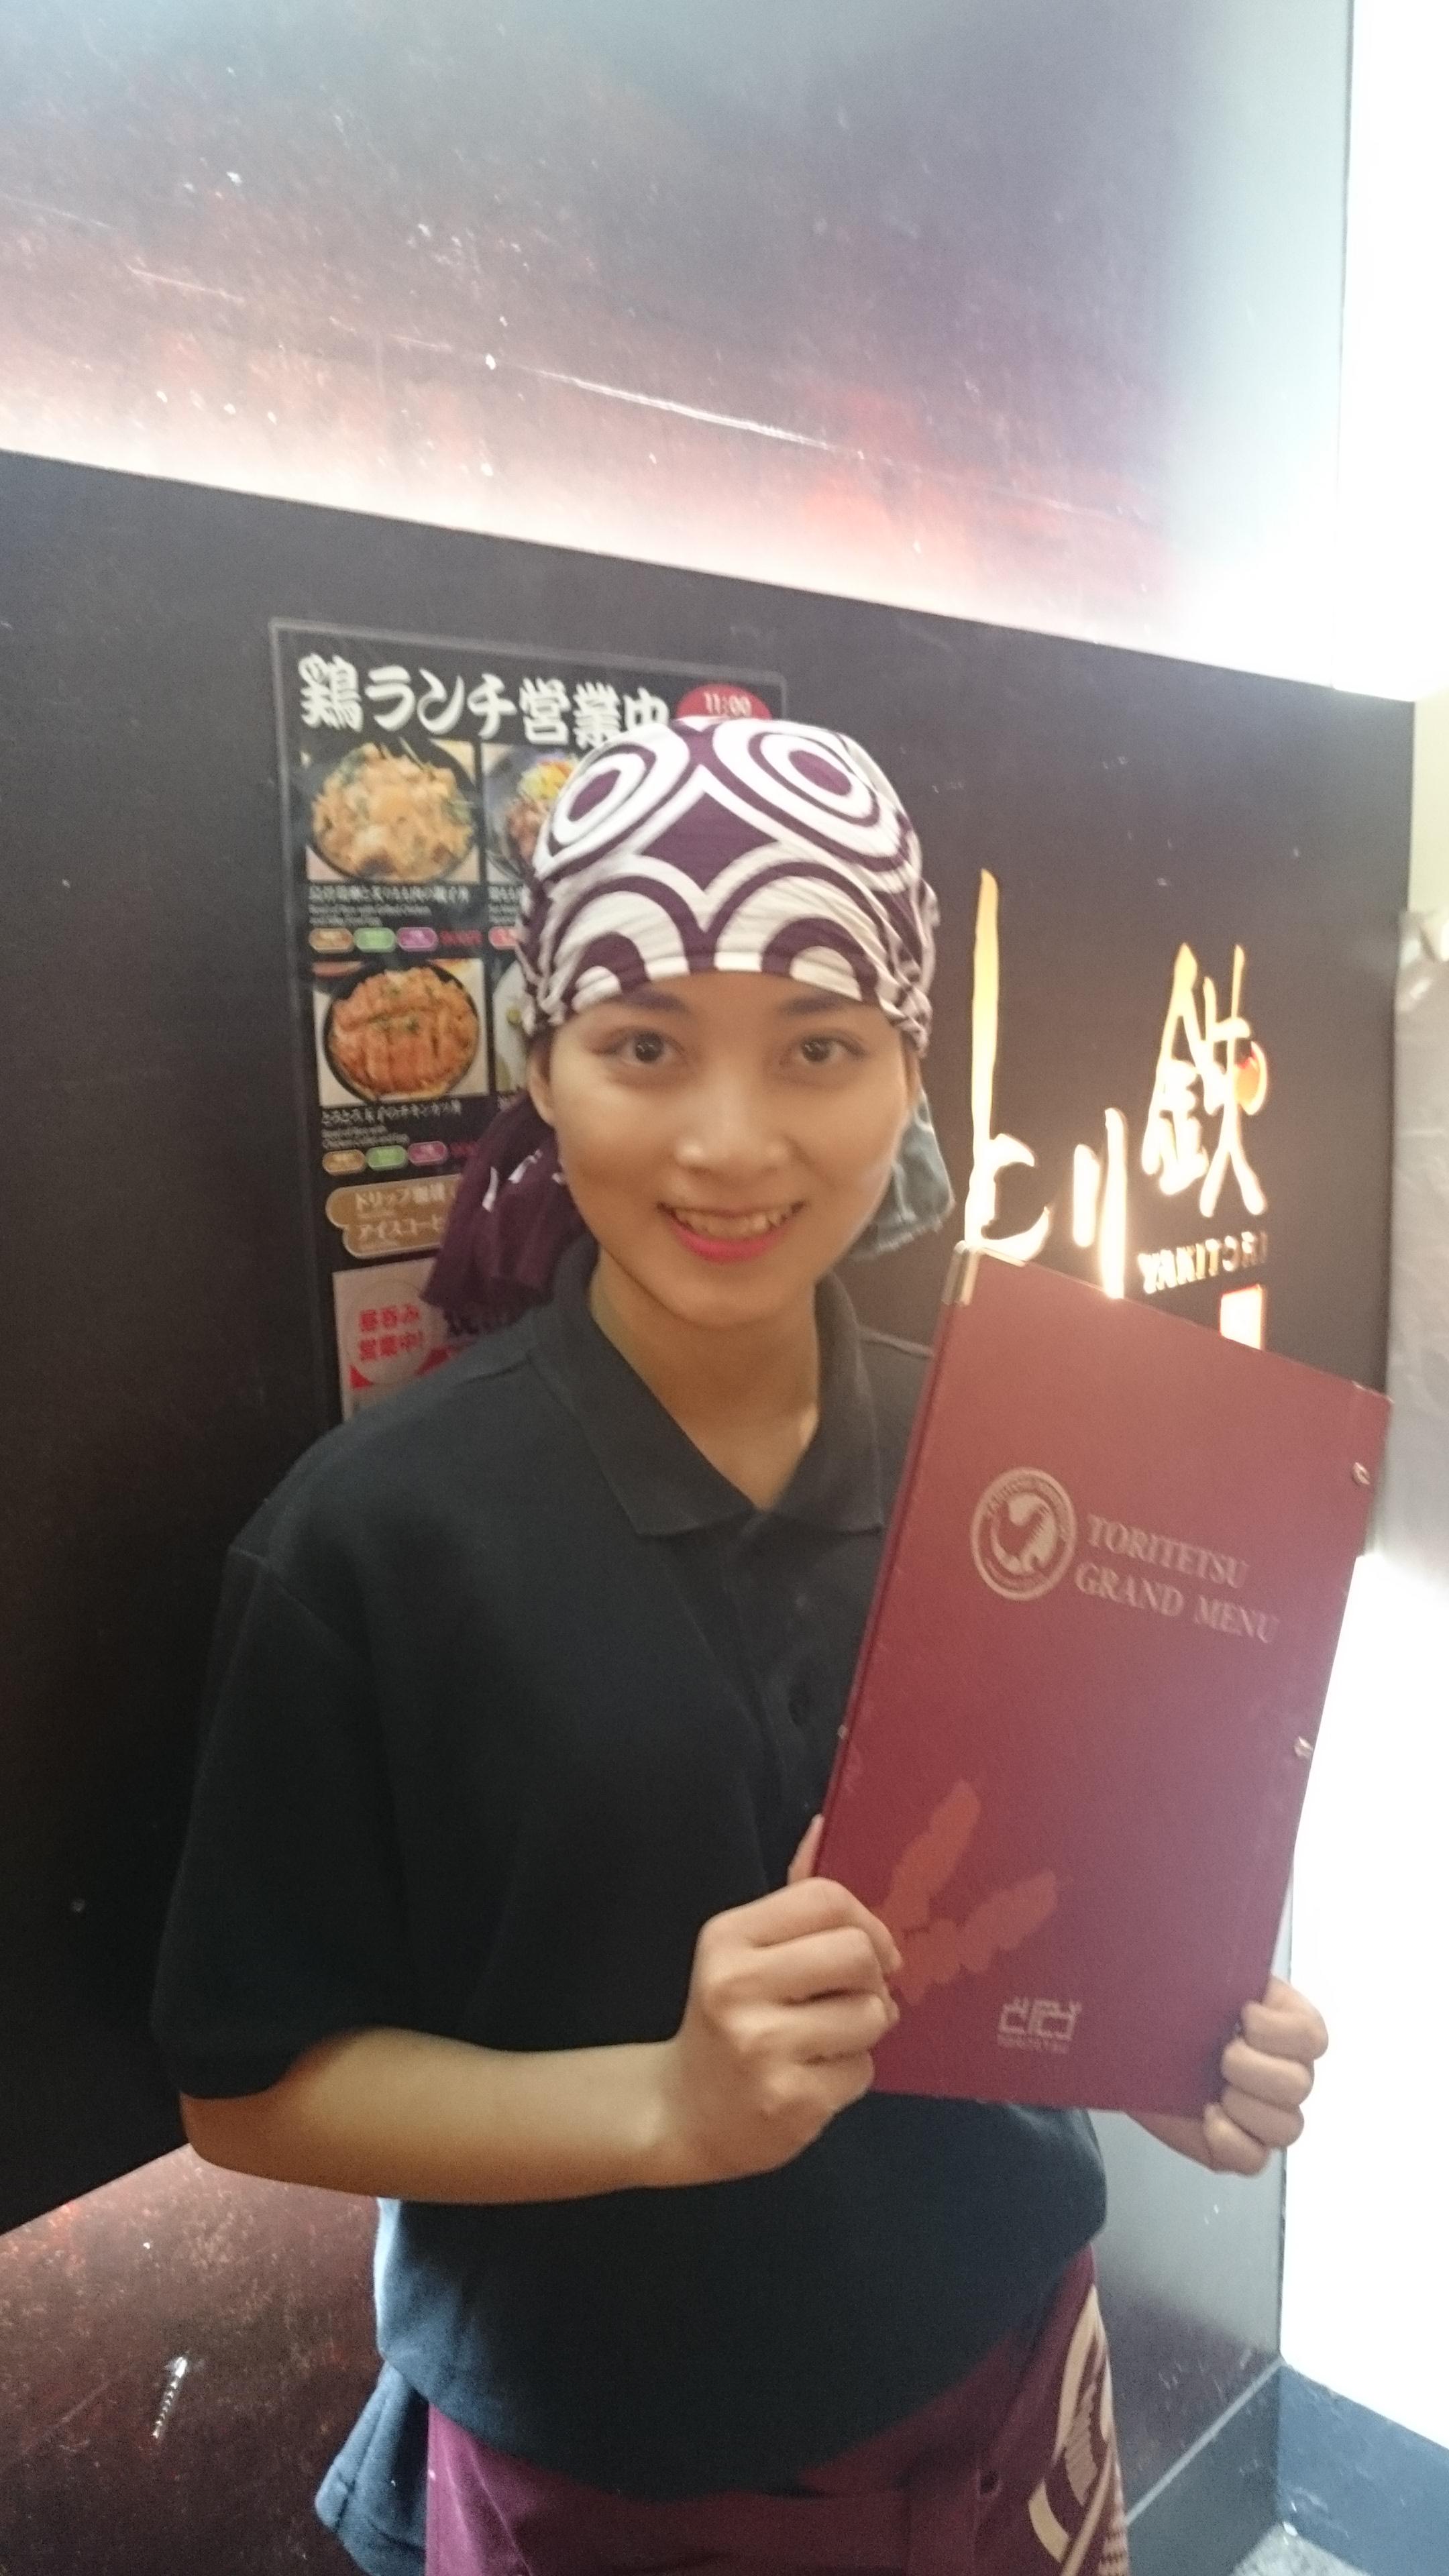 ☆とり鉄Best Staff総選挙2016 ☆エントリーNo55 チャン ハイ リン